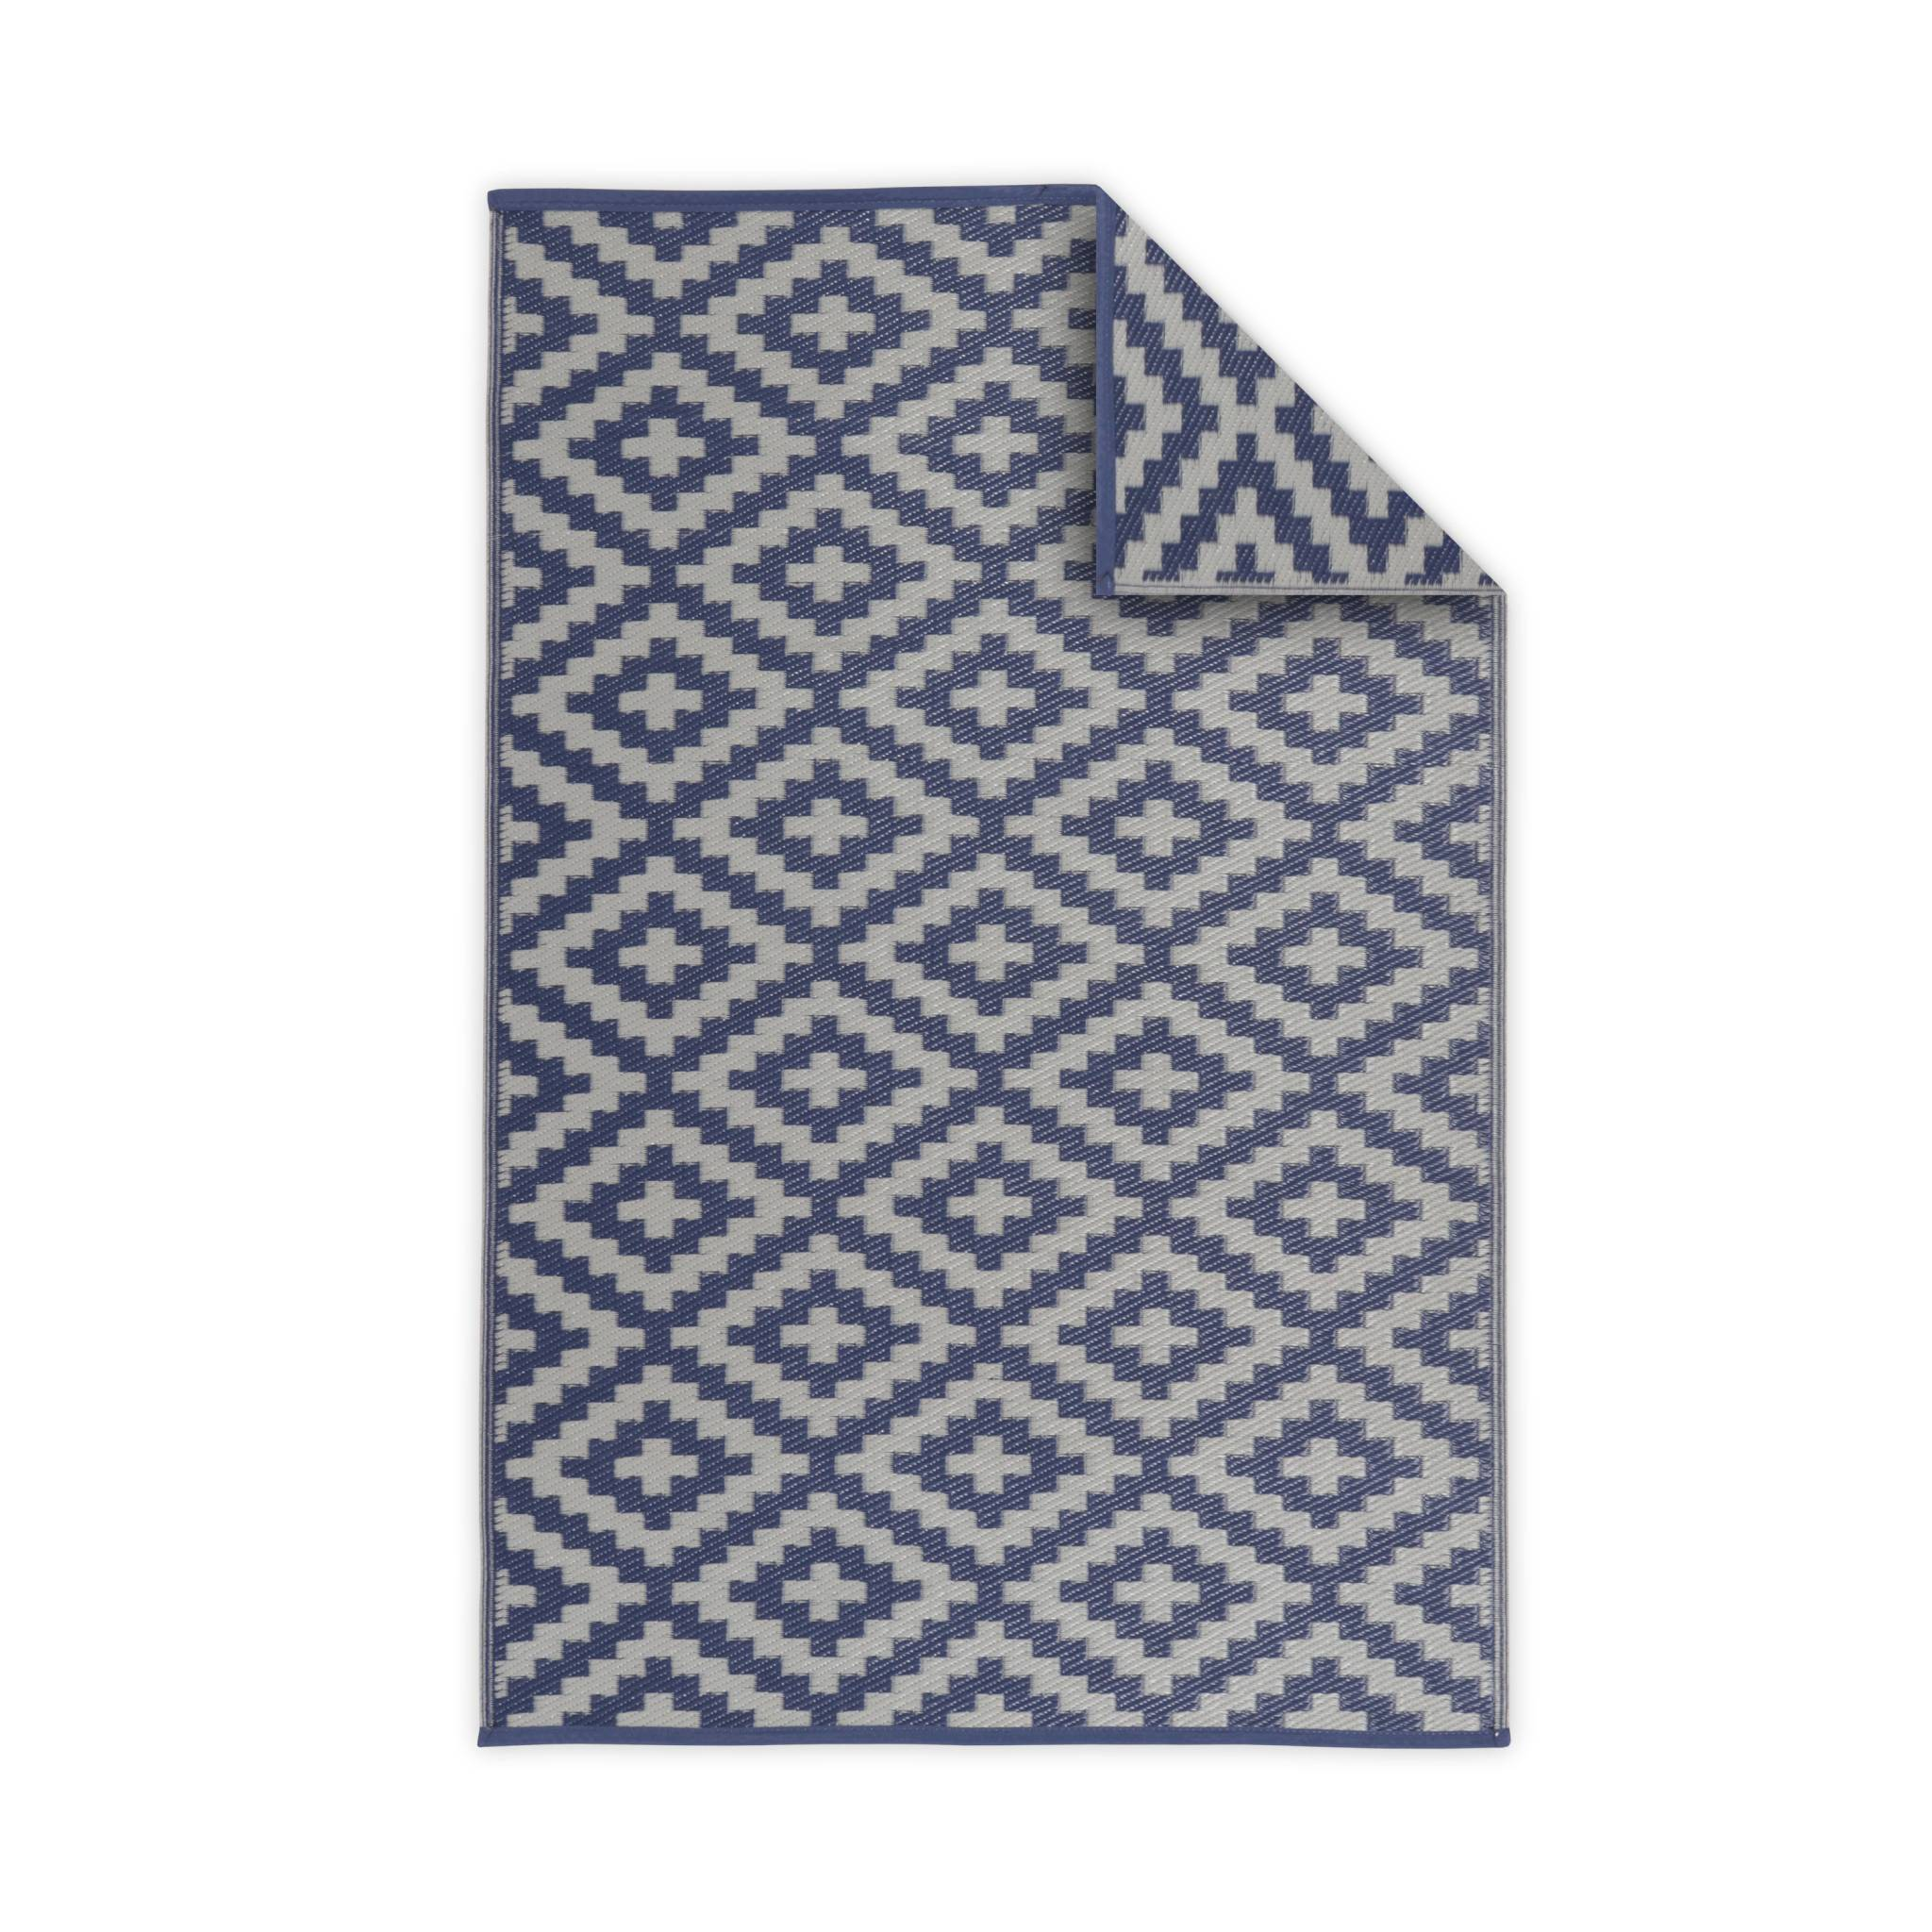 Tapis d'extérieur 180x270cm rectangulaire motif losange